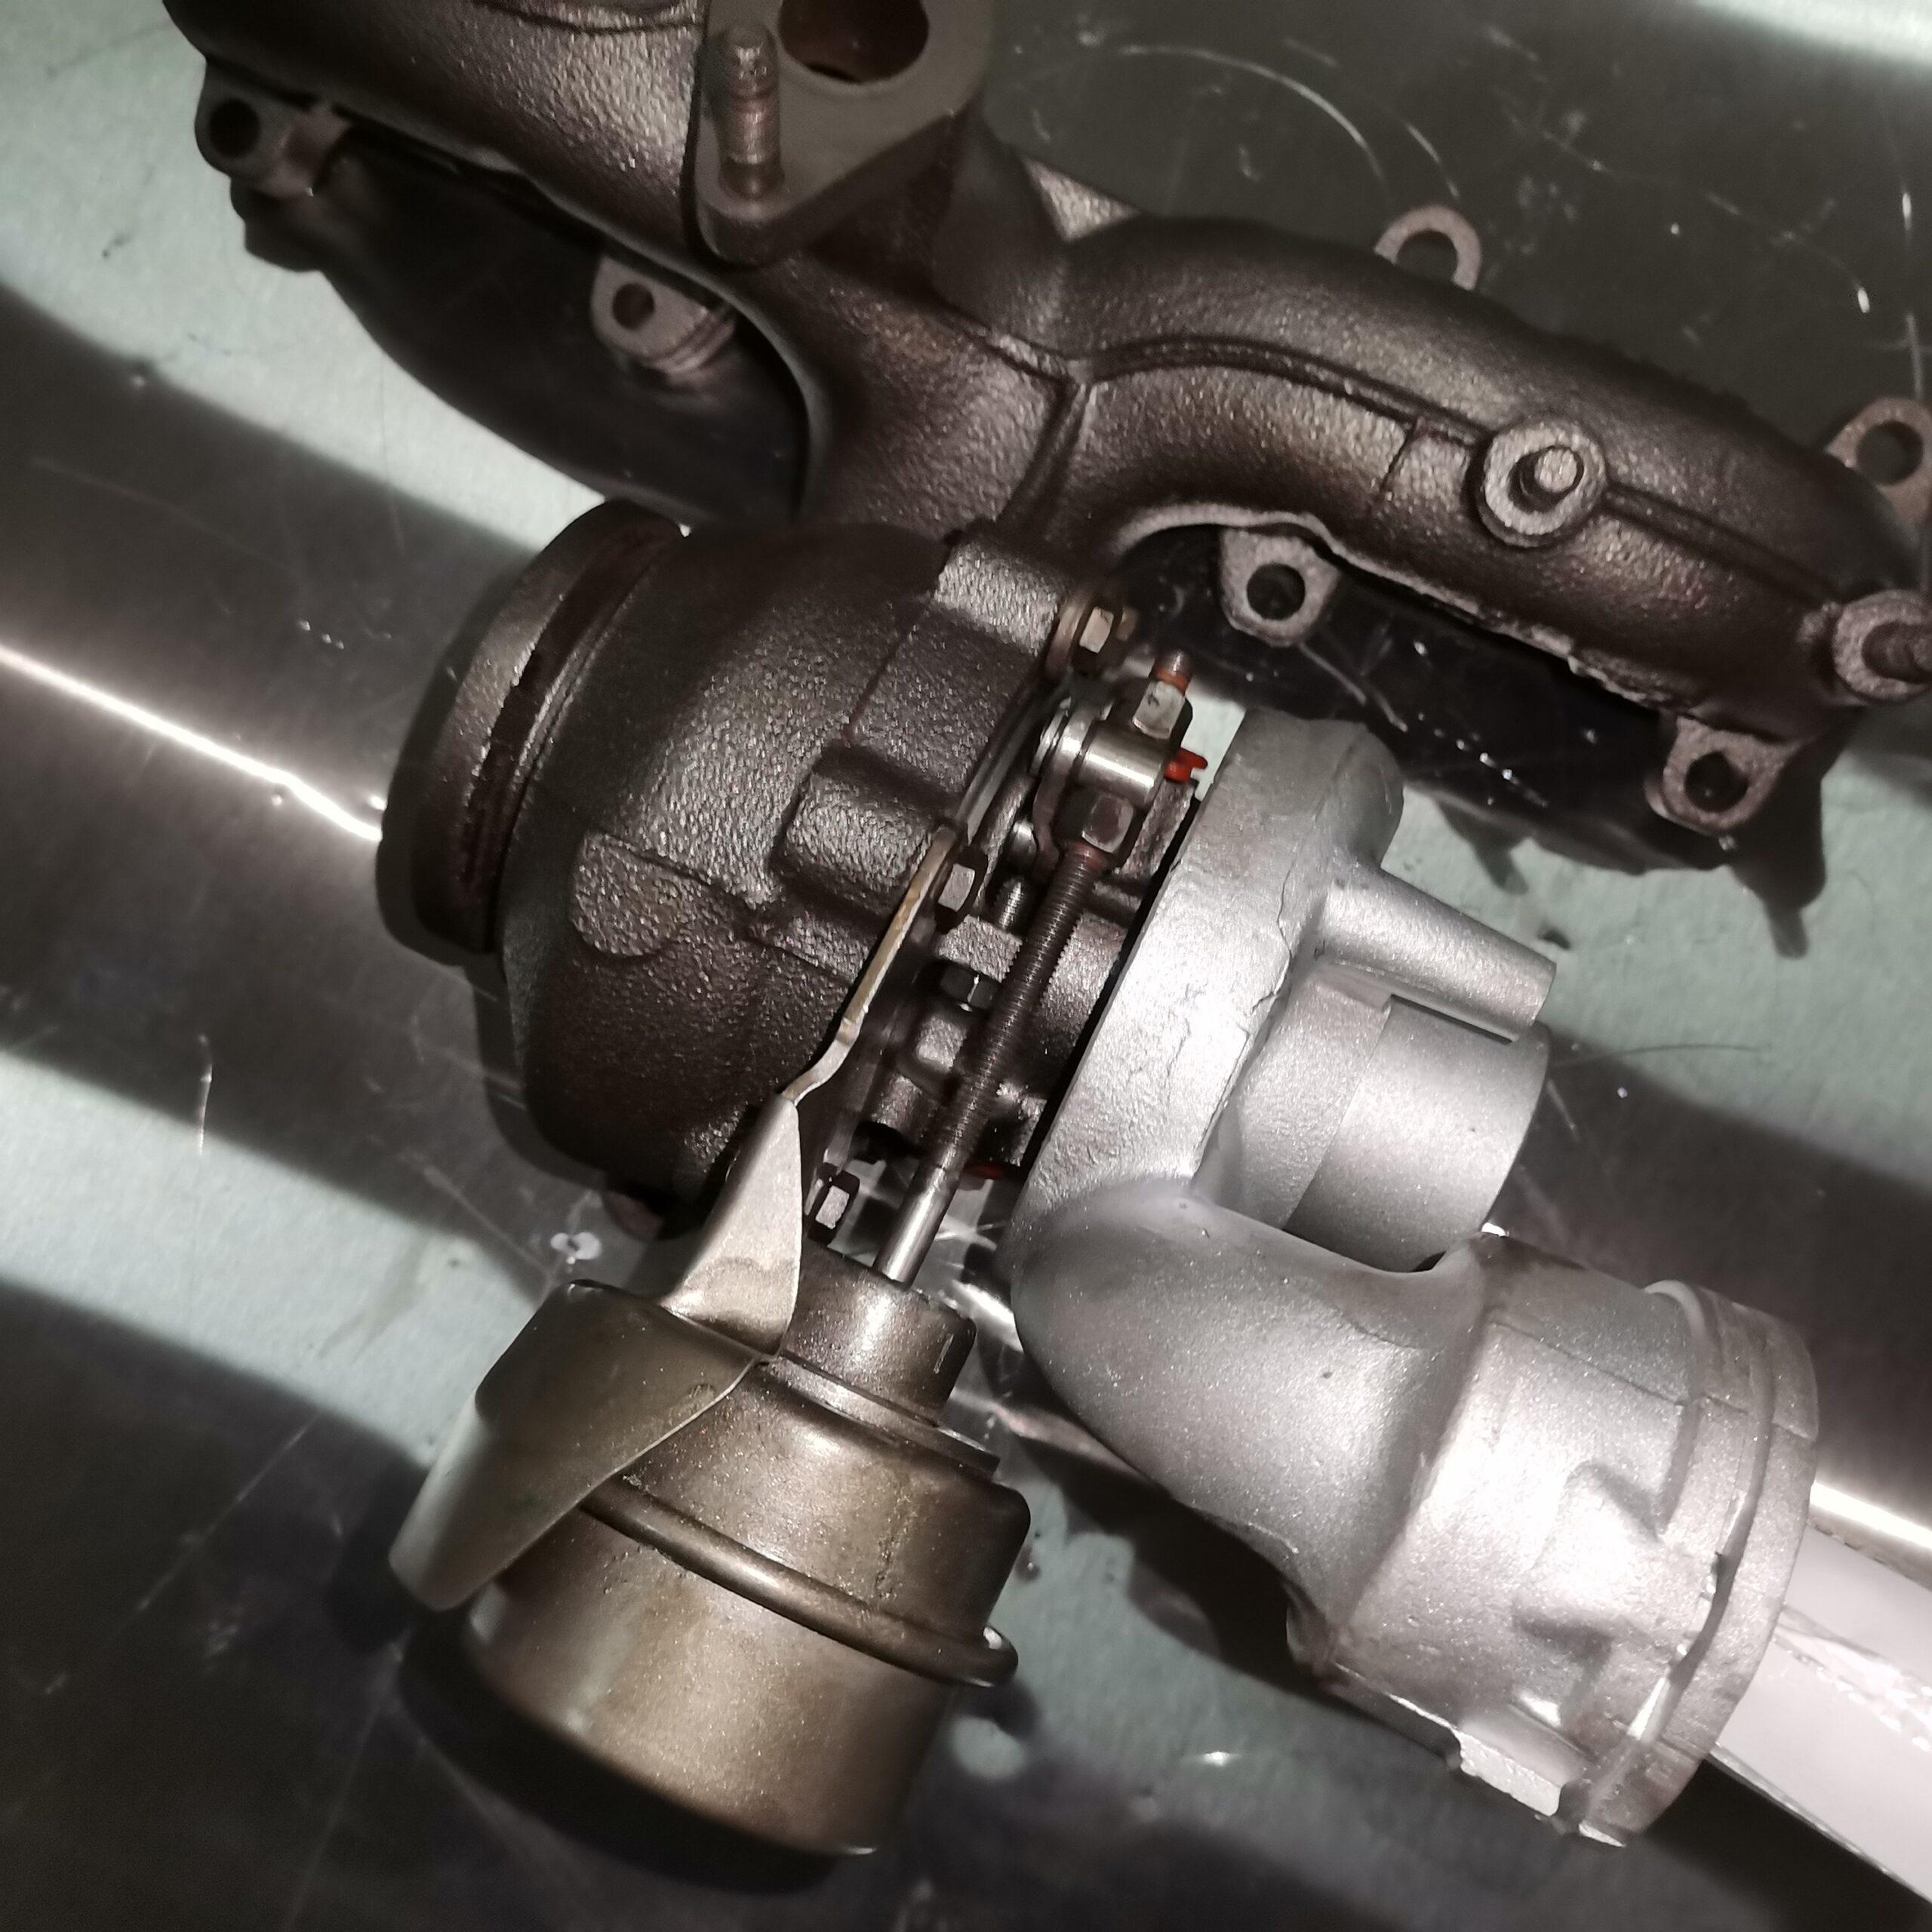 Турбина на Volkswagen Passat B6 1.9 TDI после ремонта